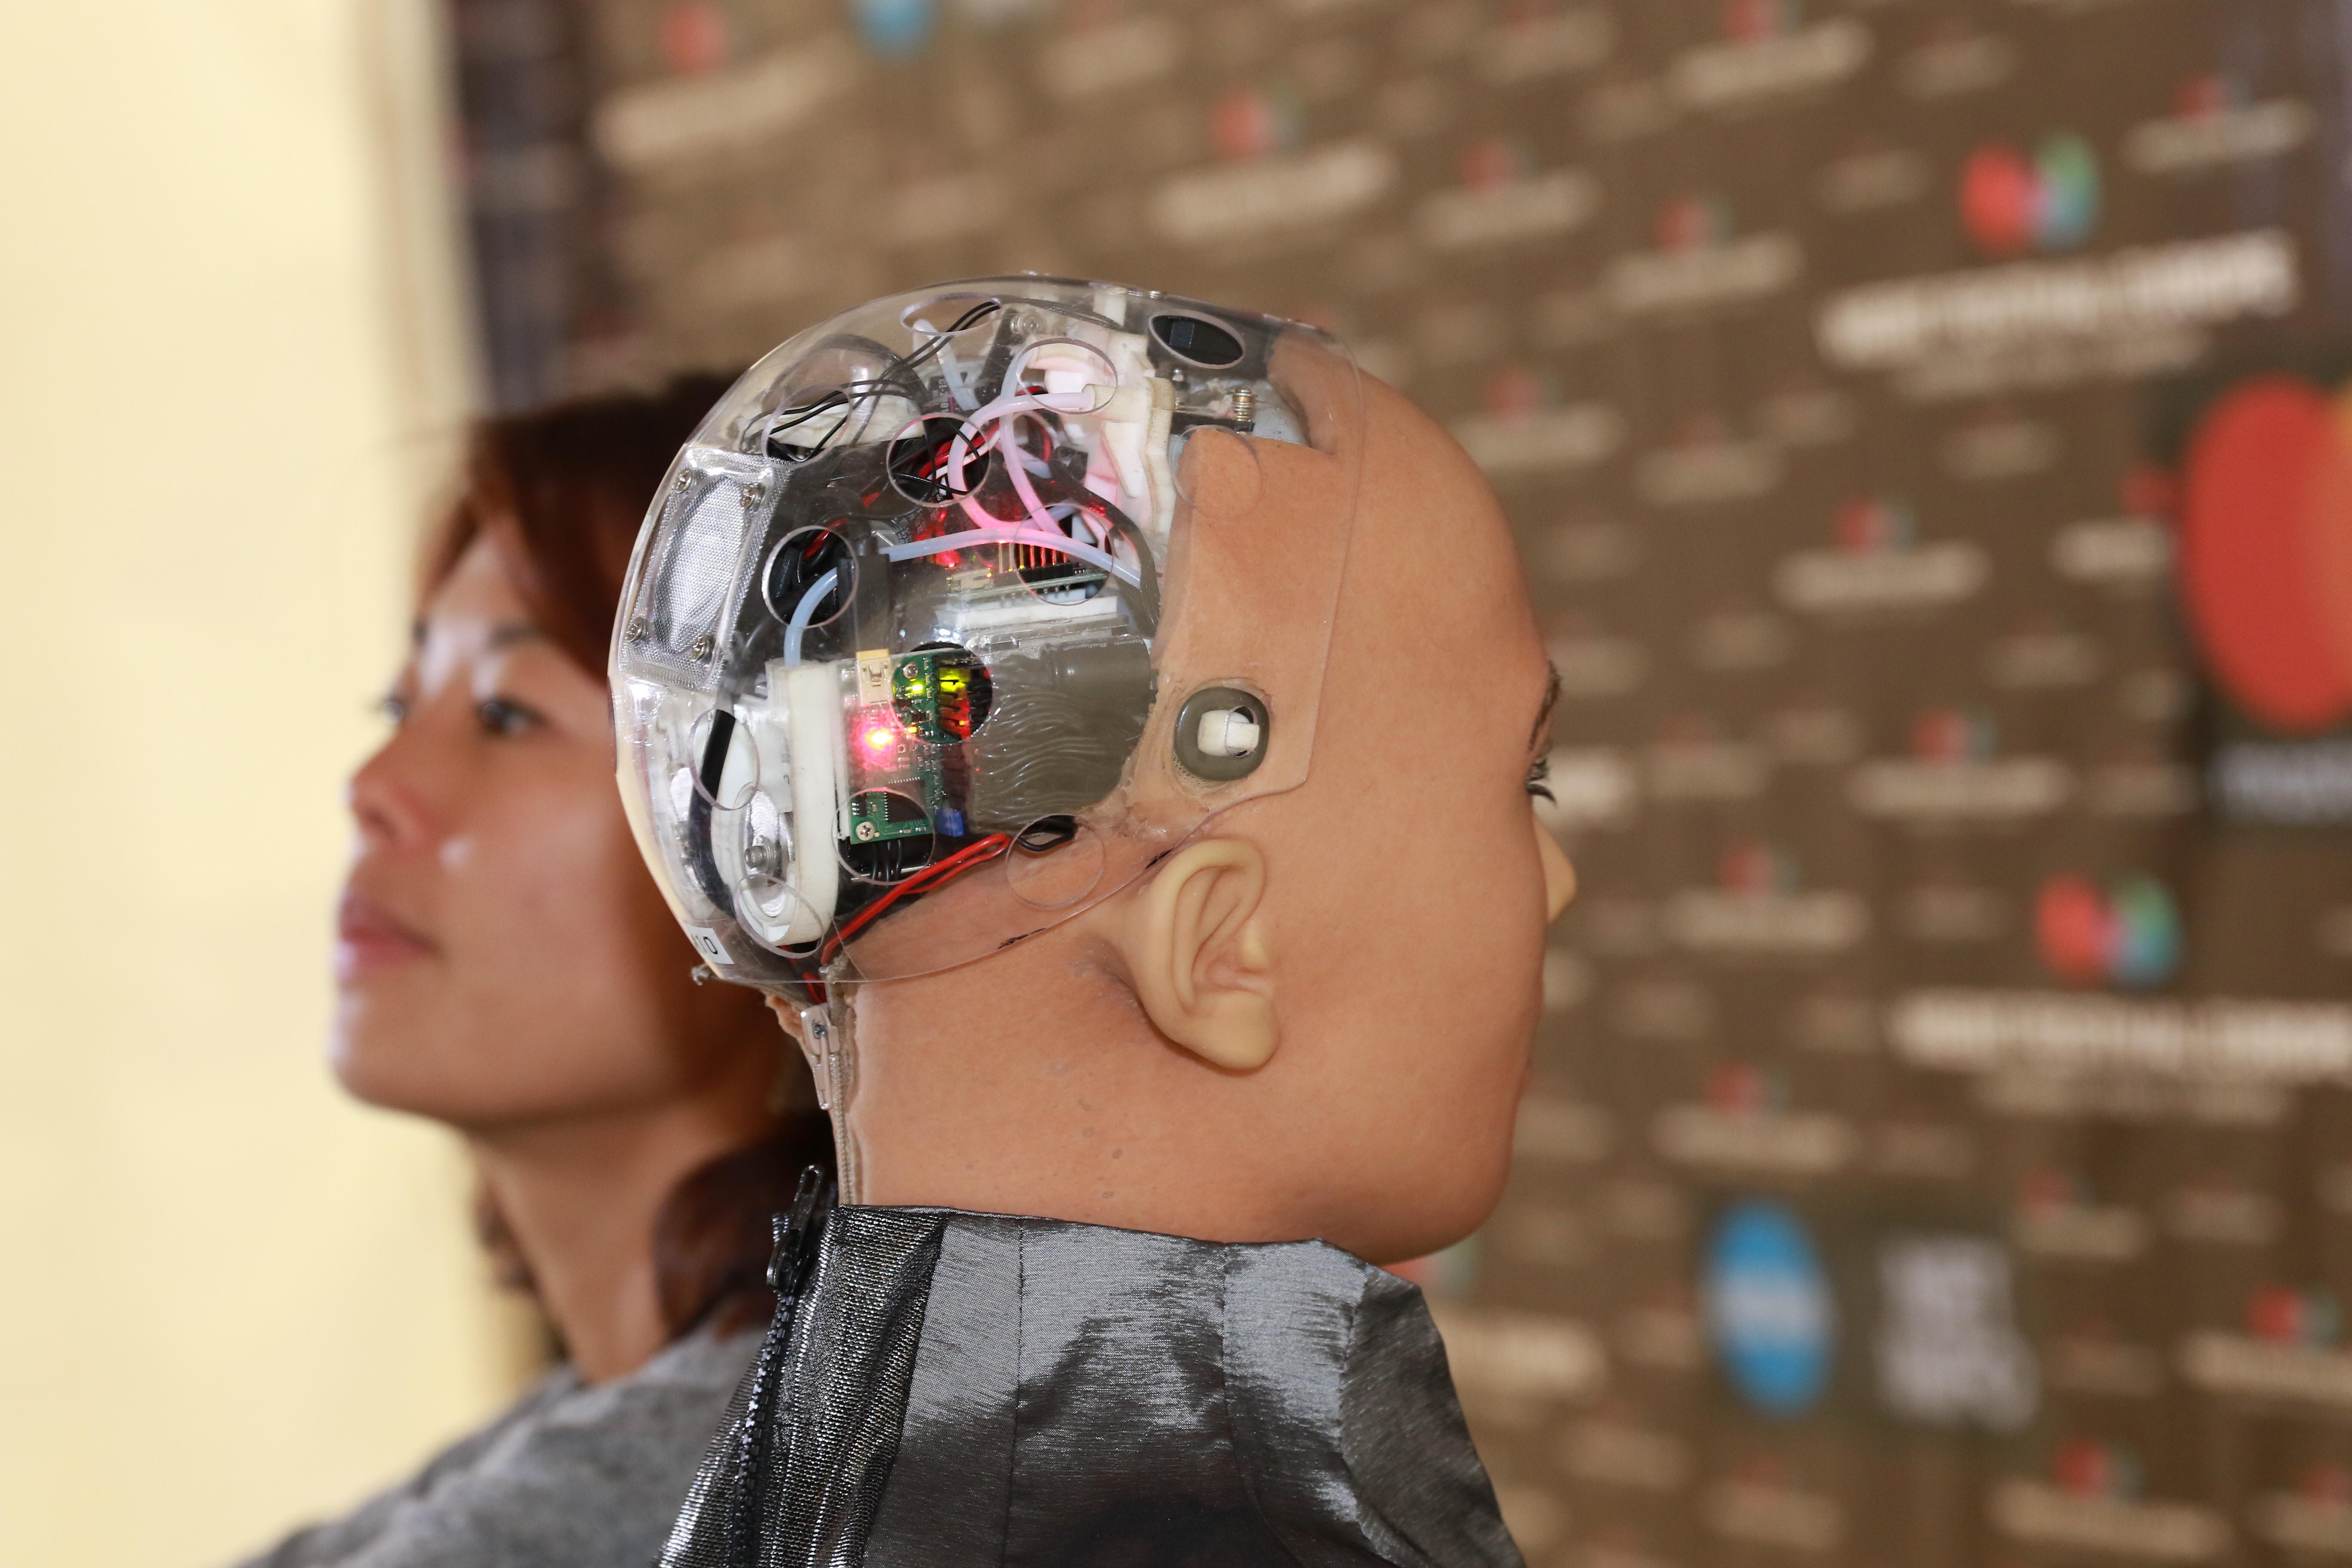 Роботът София е гражданин на Саудитска Арабия. Тя може да имитира и разпознава човешки жестове и изражения на лицето.